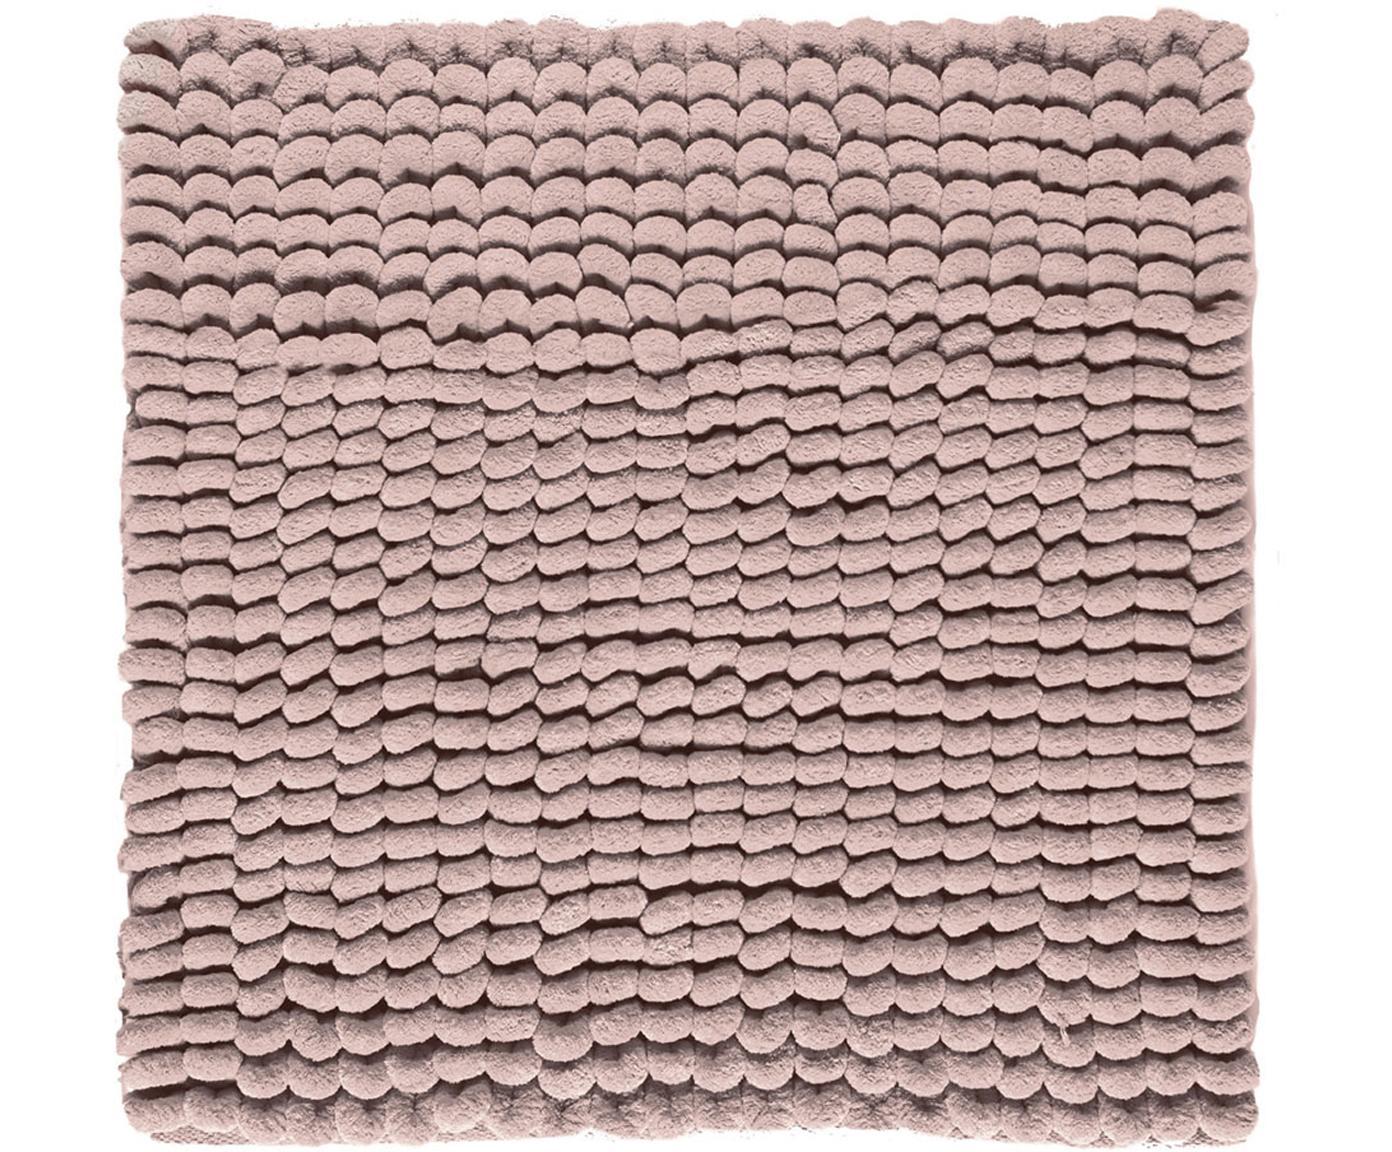 Dywanik łazienkowy Luka, 67% poliester, 33% bawełna, Blady różowy, S 60 x D 60 cm